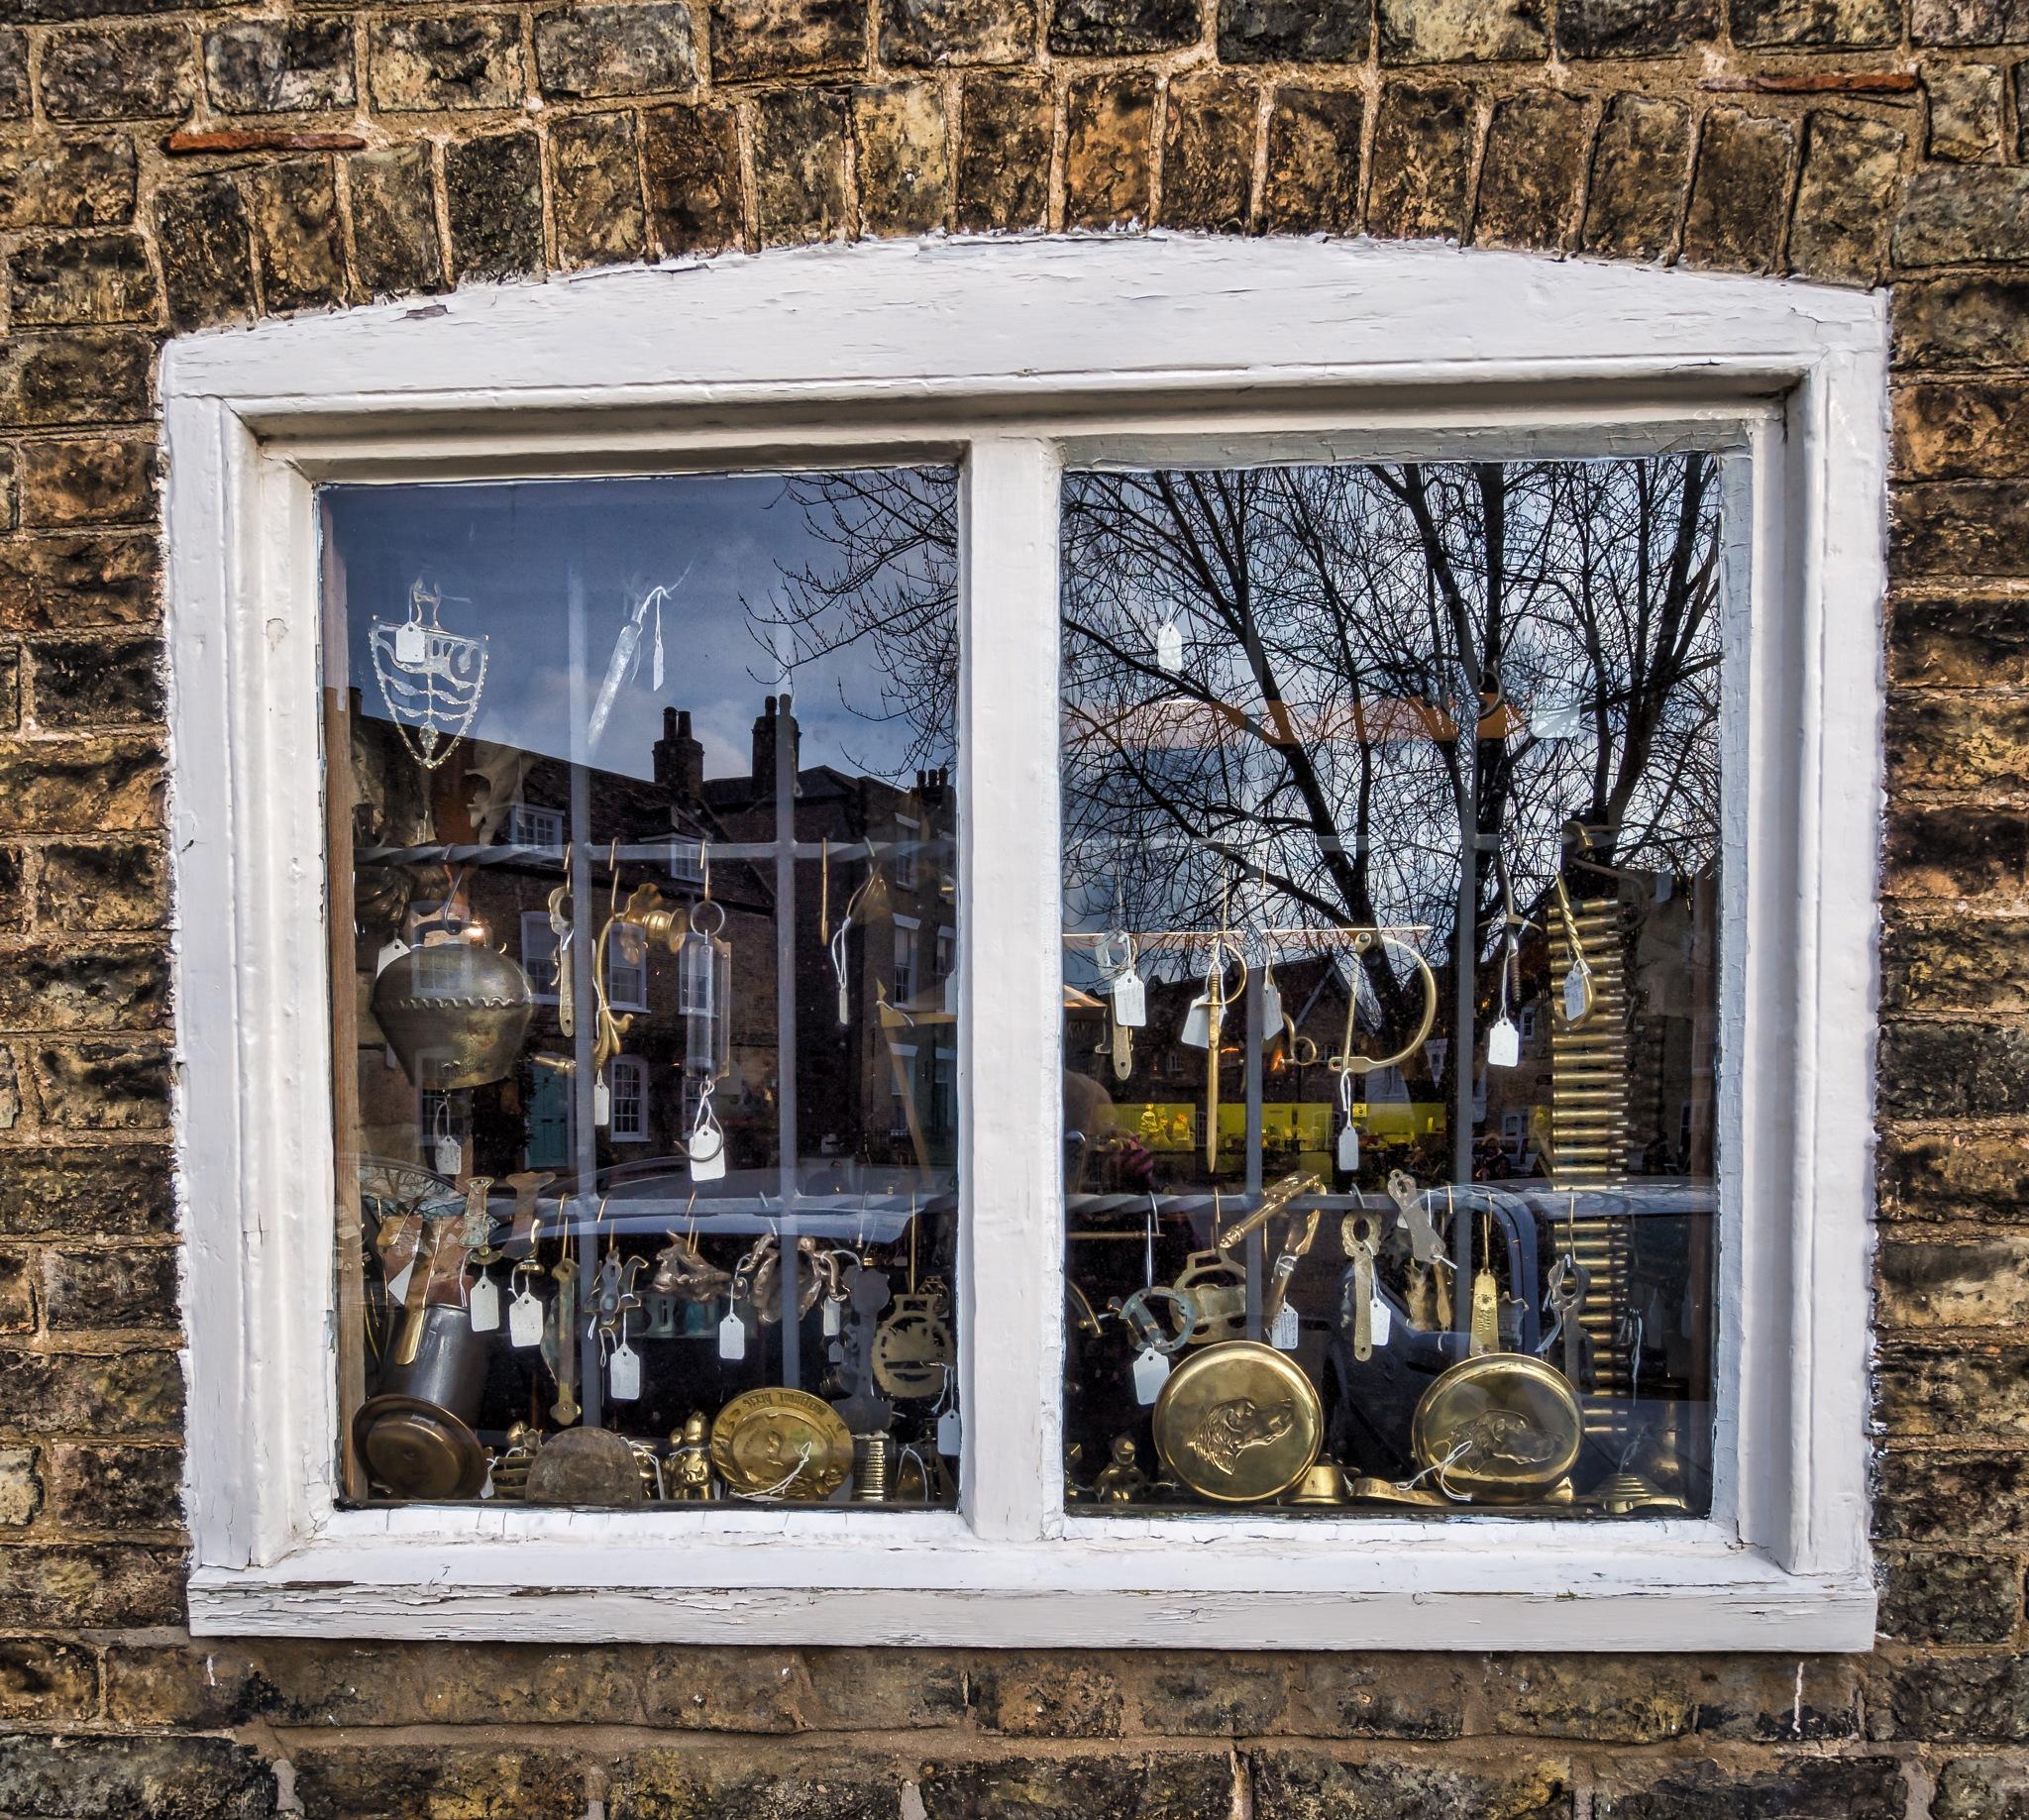 Reflections in the Window by jan.murphy30